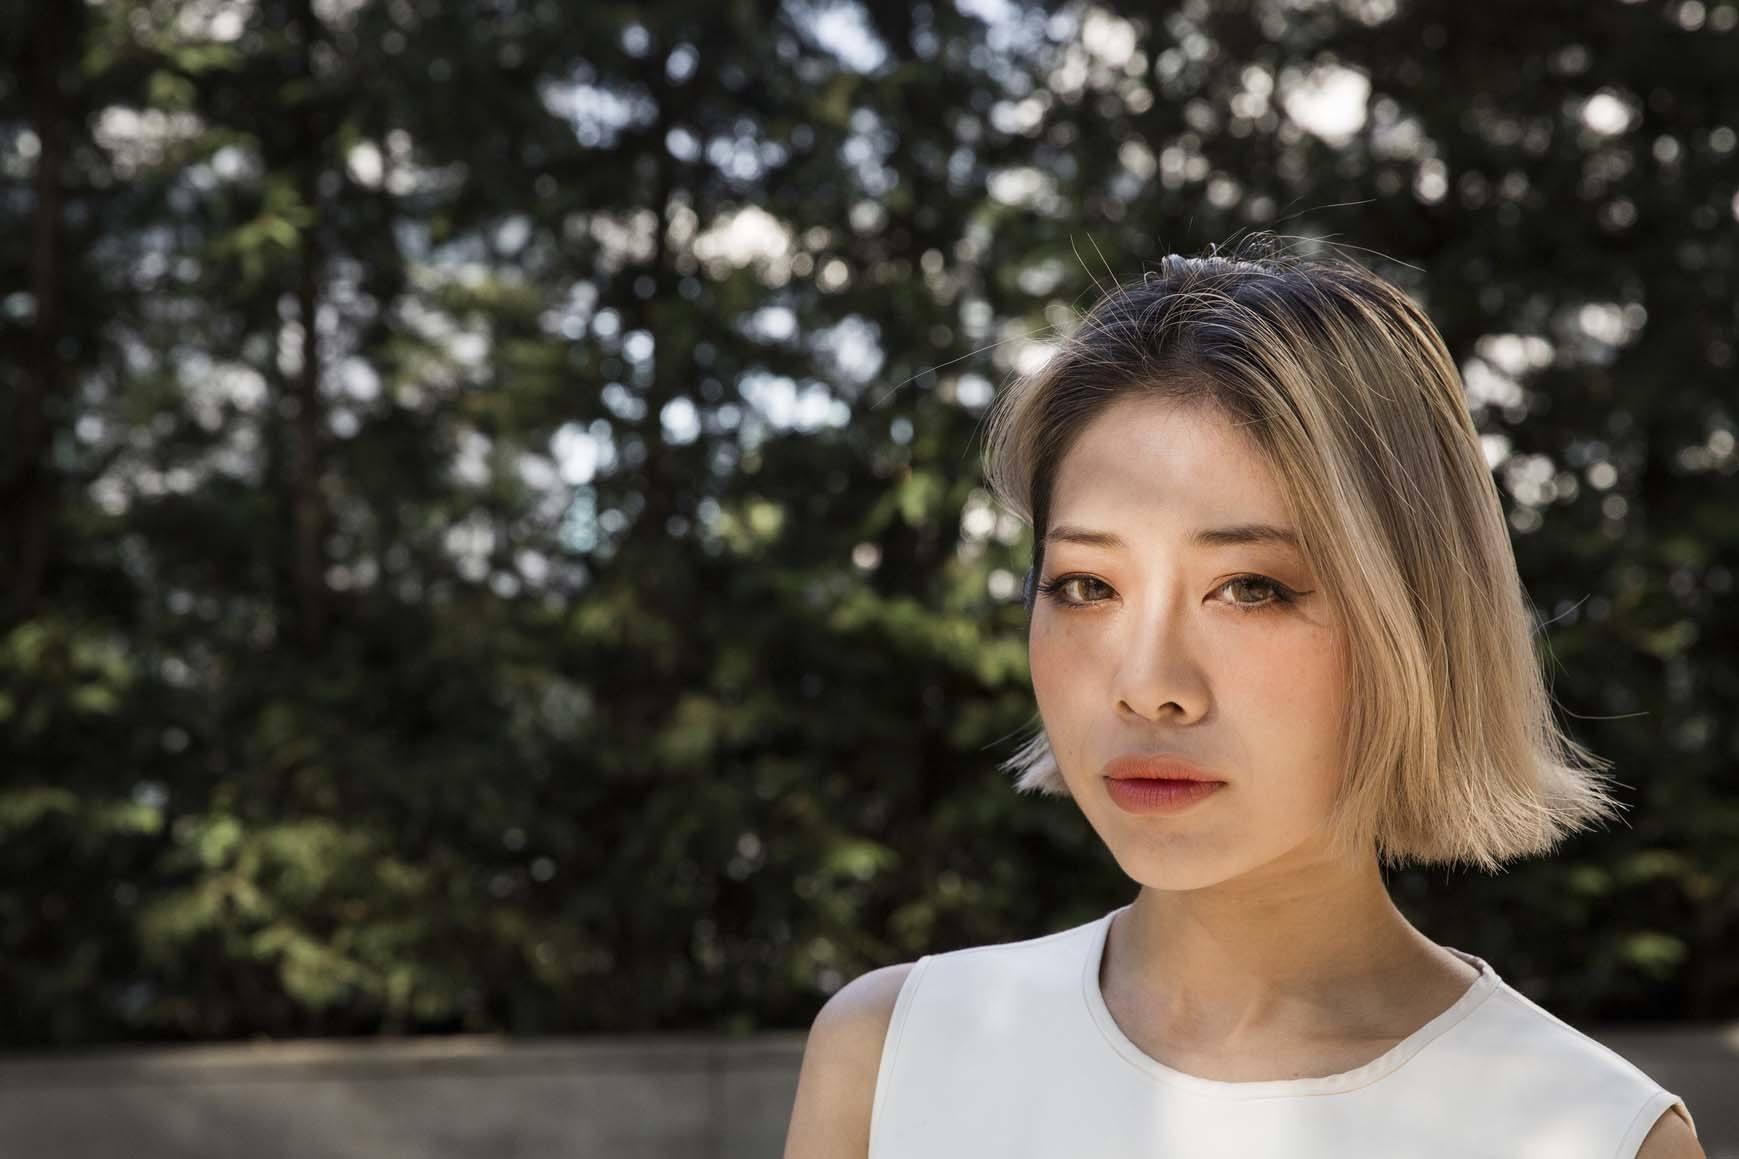 Wanita Asia dengan rambut pendek a la korea warna ash blonde.